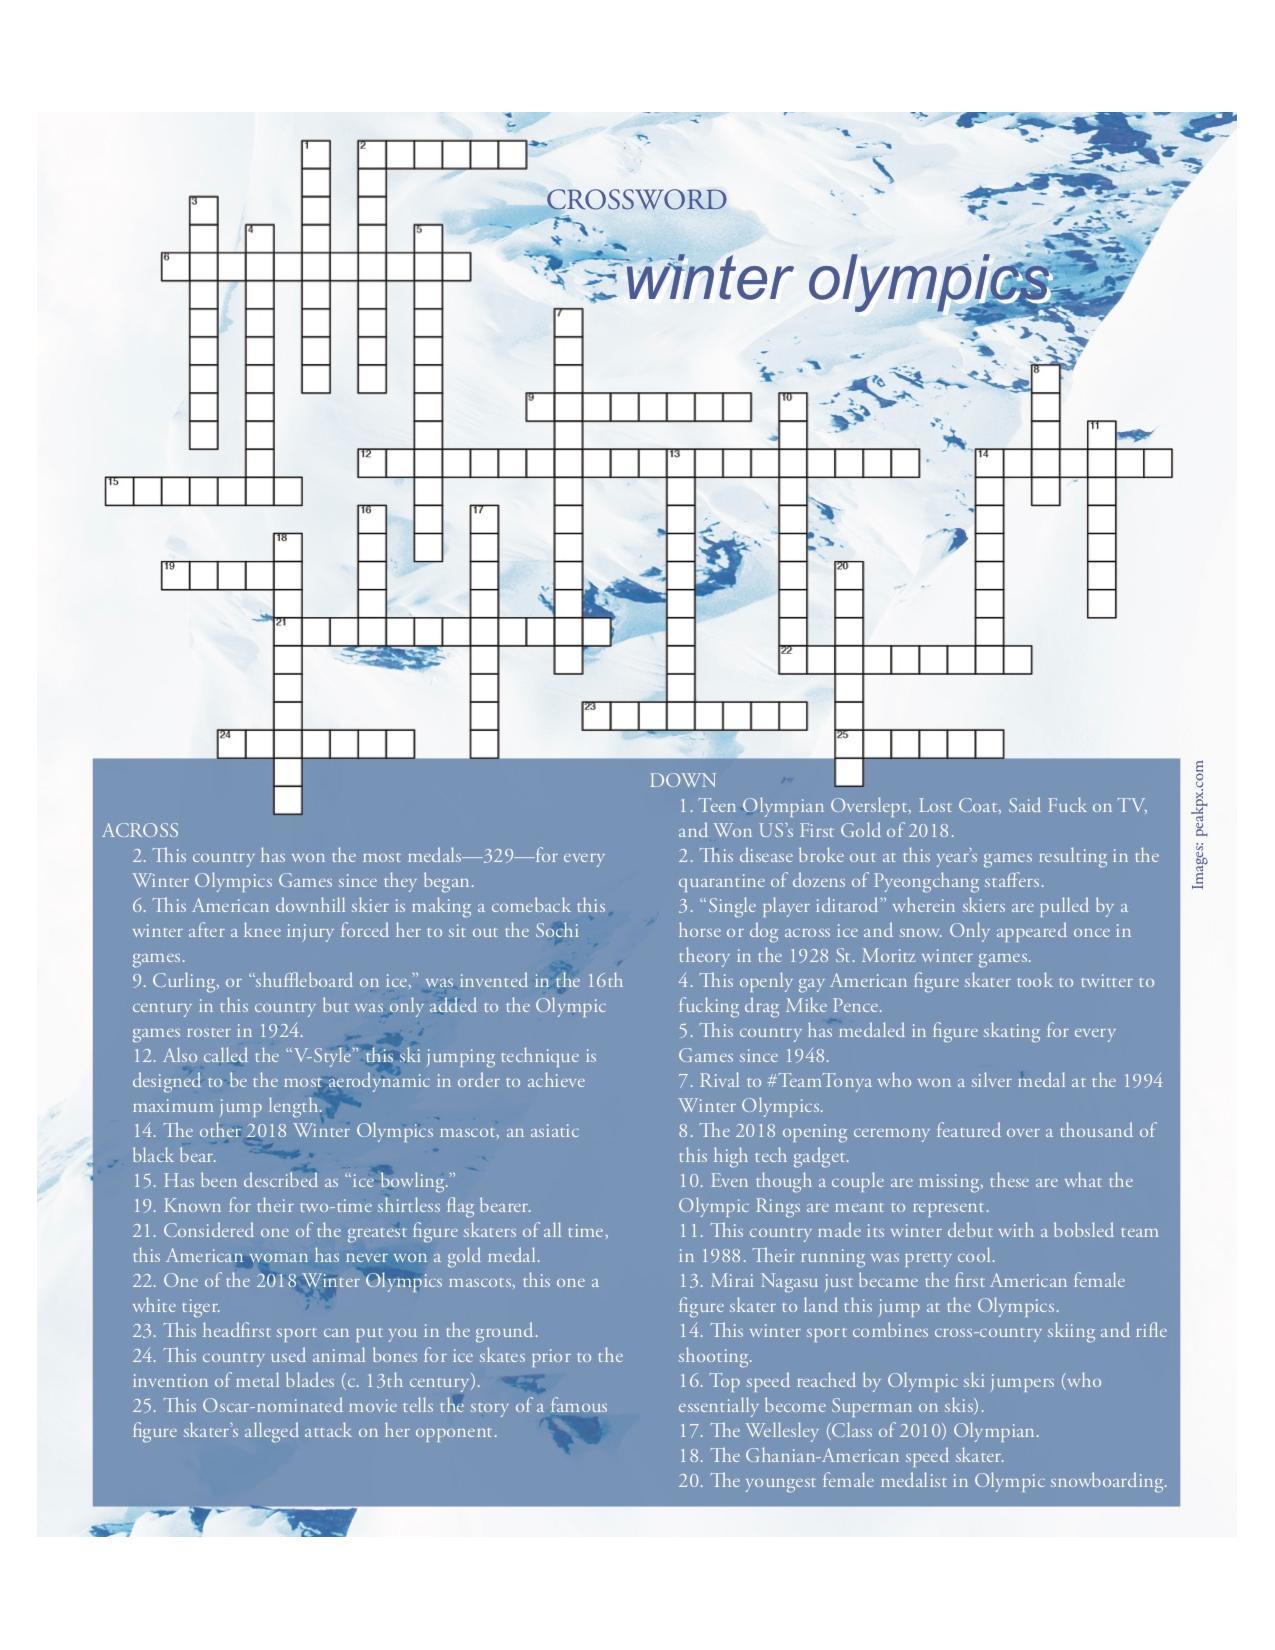 February 2018: Winter Olympics